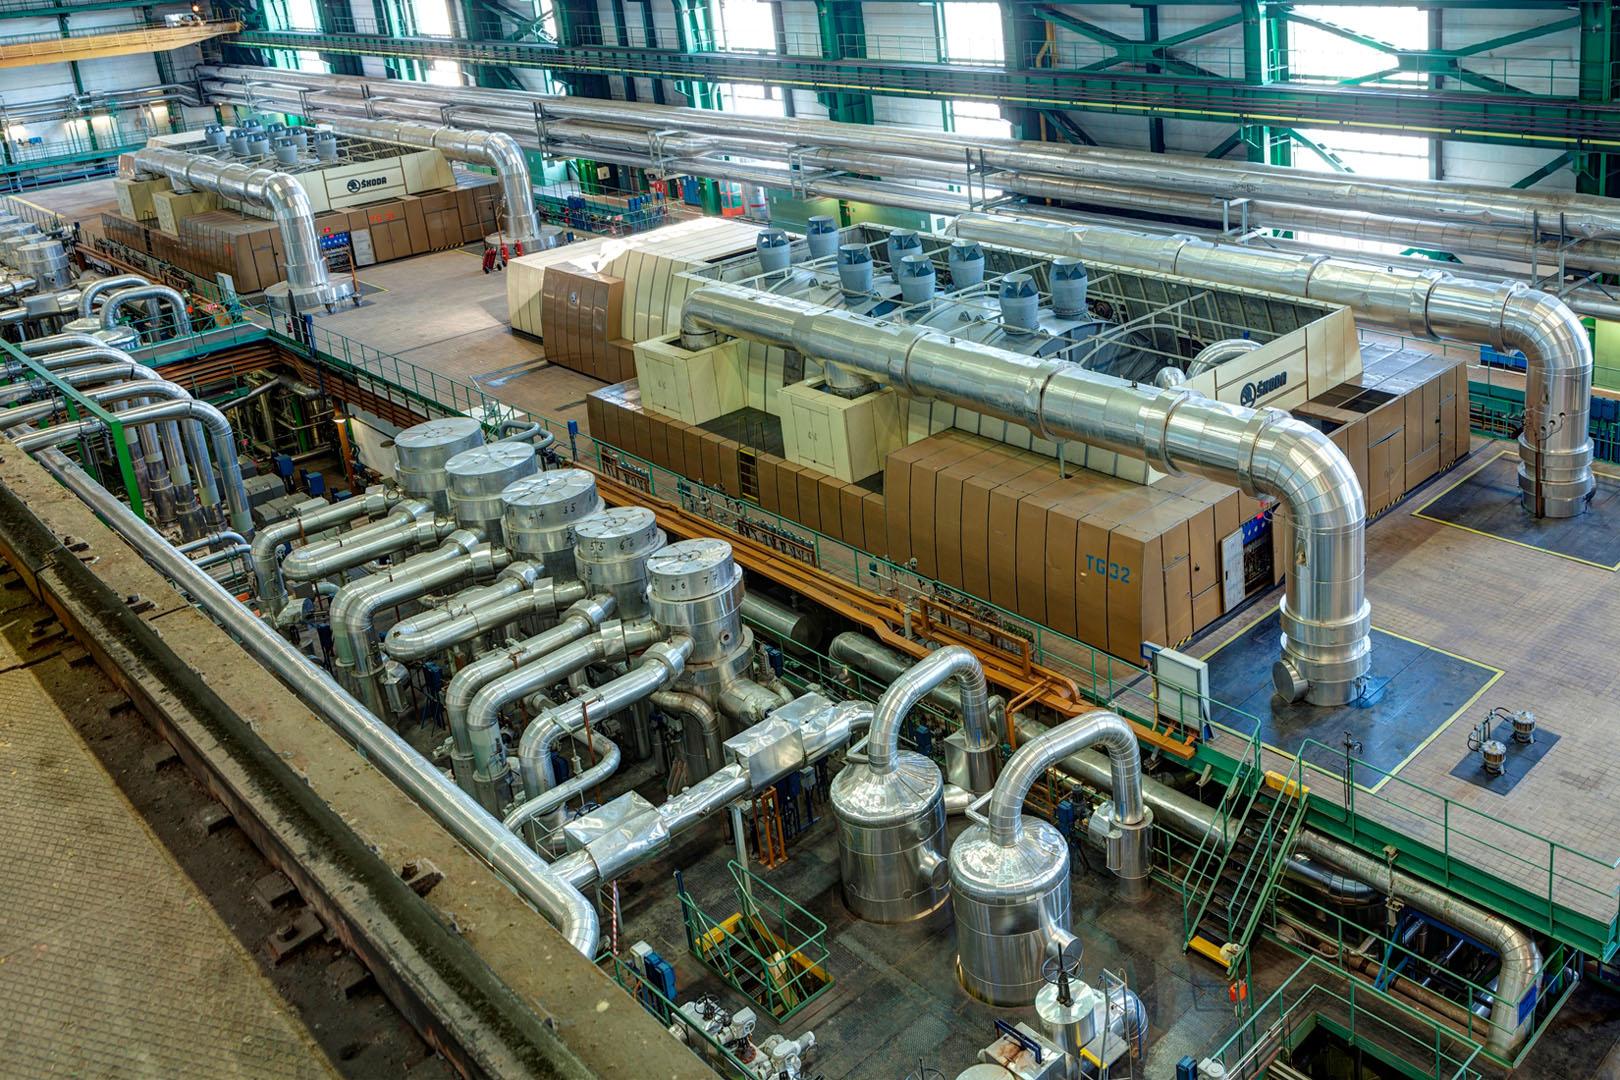 jaderná energie - HN: O Škodu Praha se zajímá indonéská společnost Nikko Securities - V Česku (turbine hall) 2